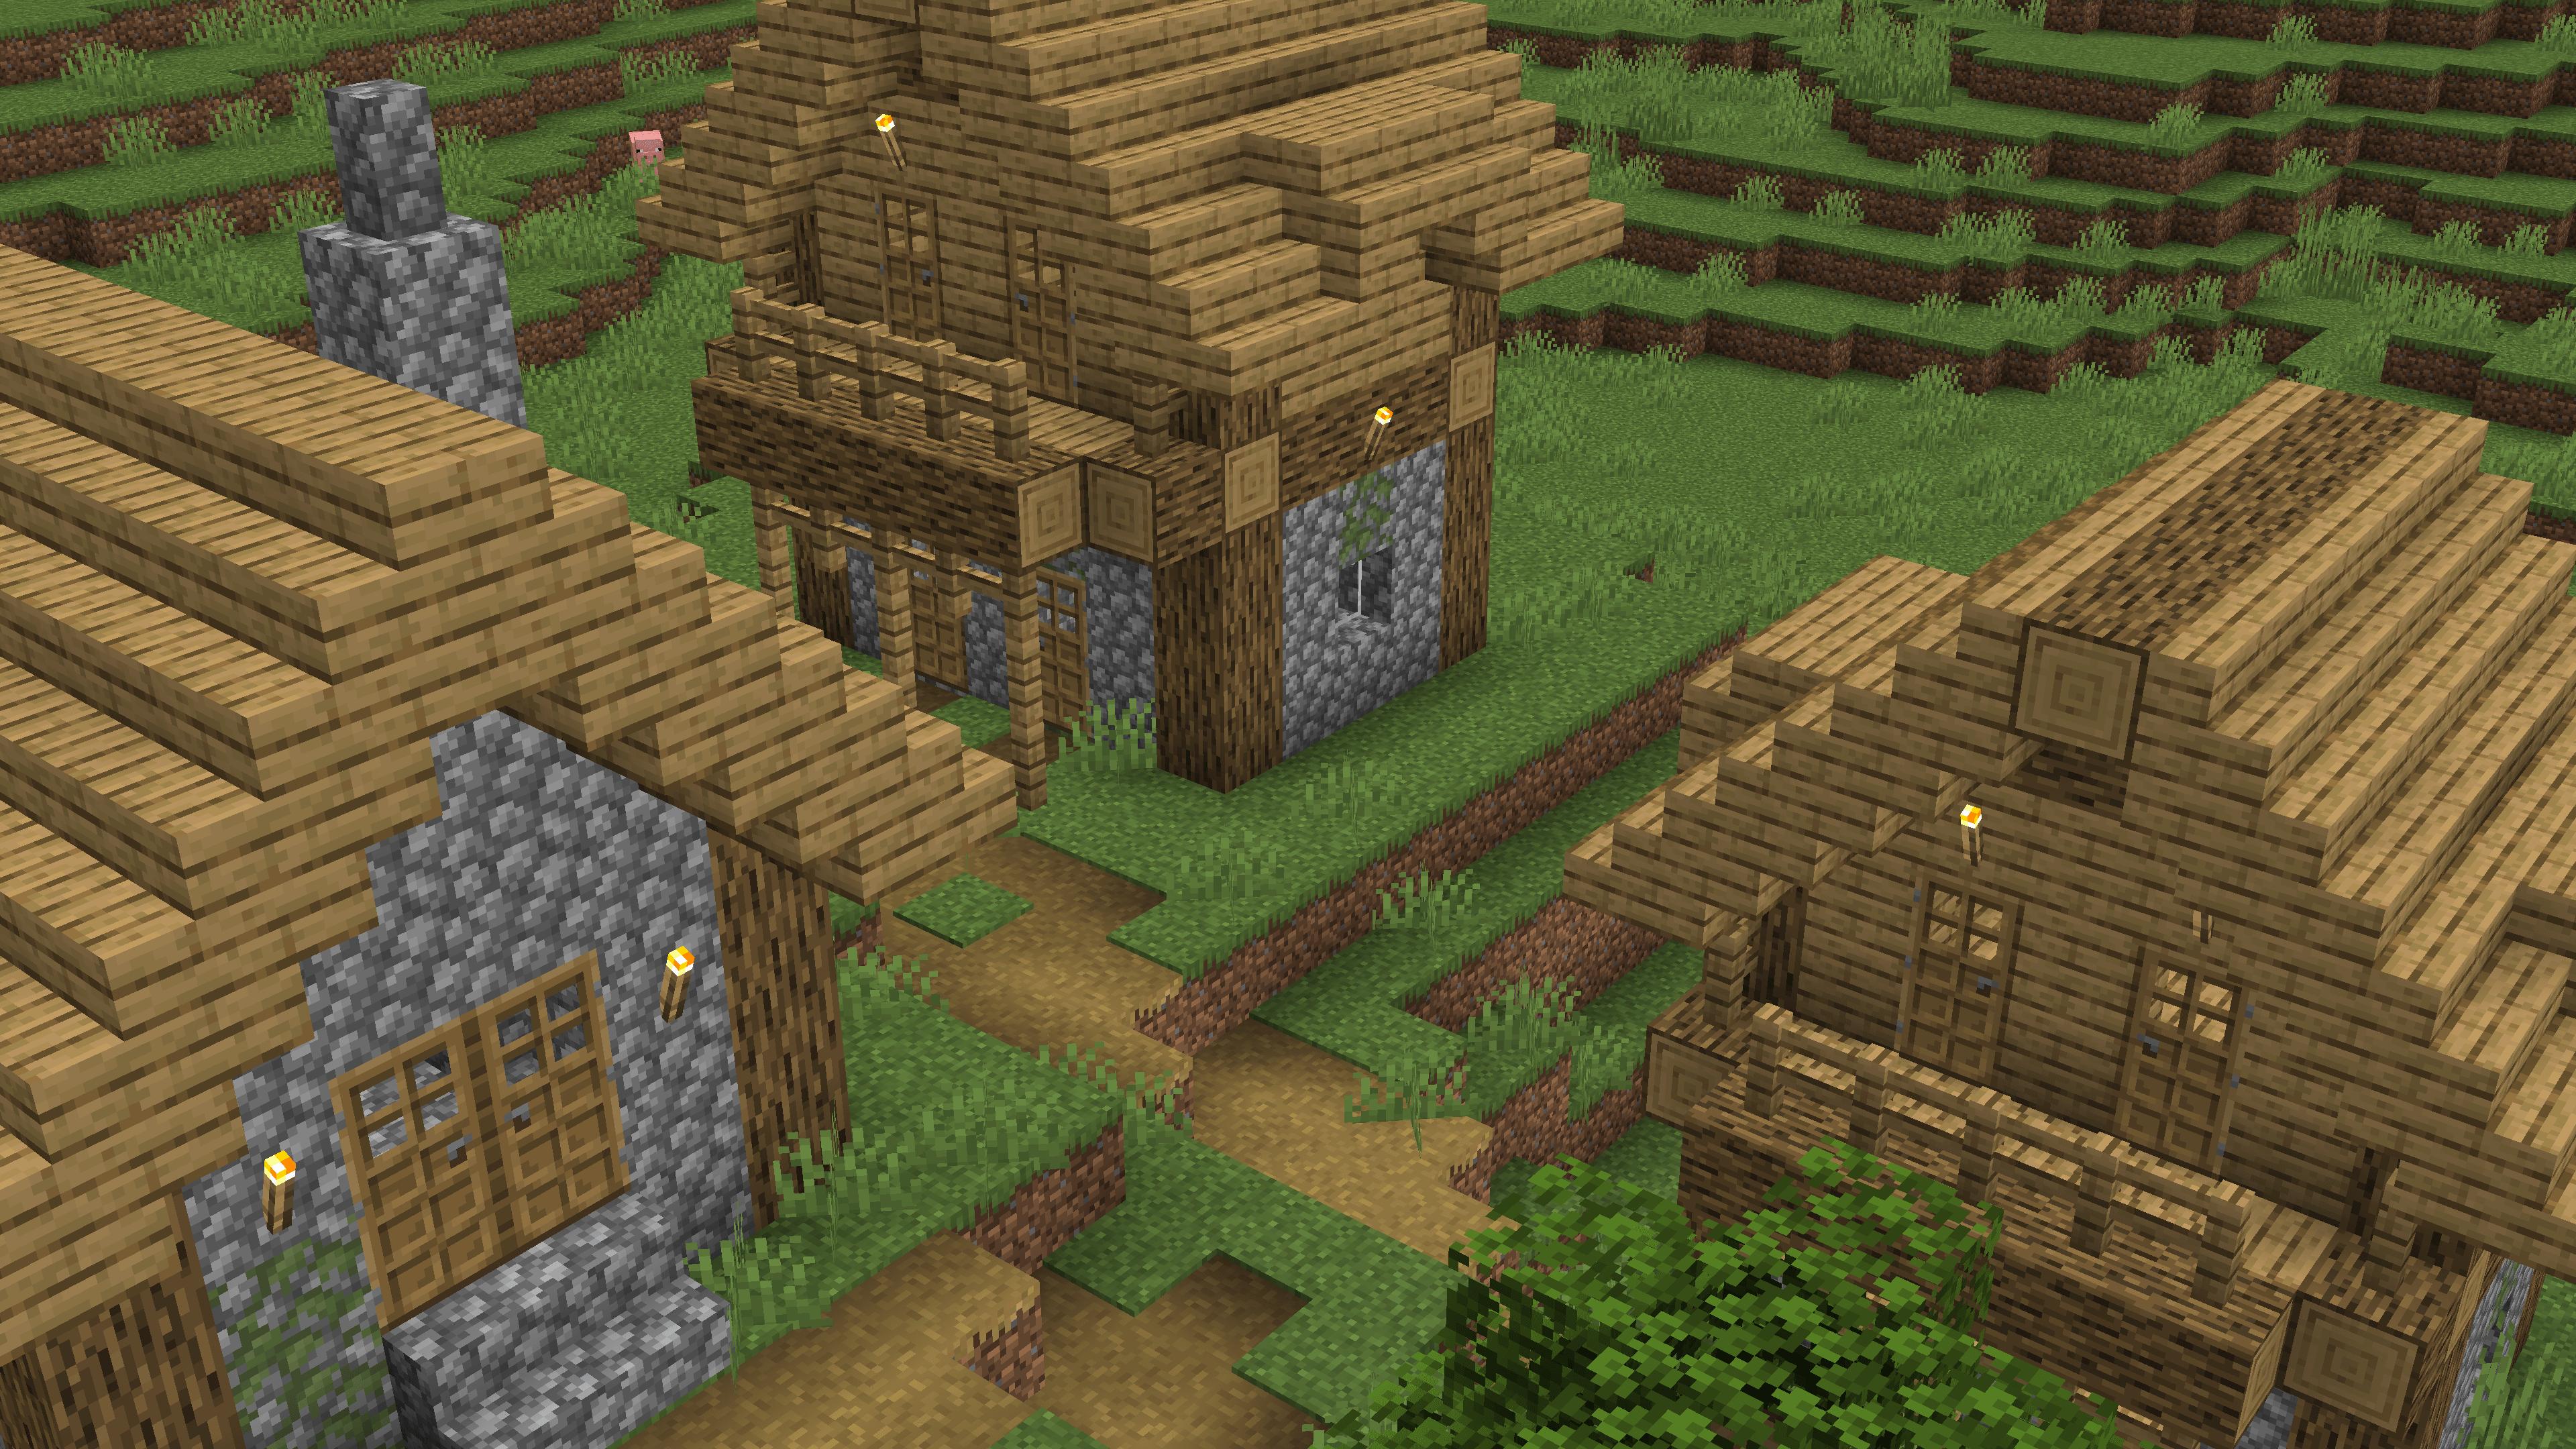 Primo passo da fare per trovare la magione, è trovare un cartografo. Per giungervi, trova un villaggio!